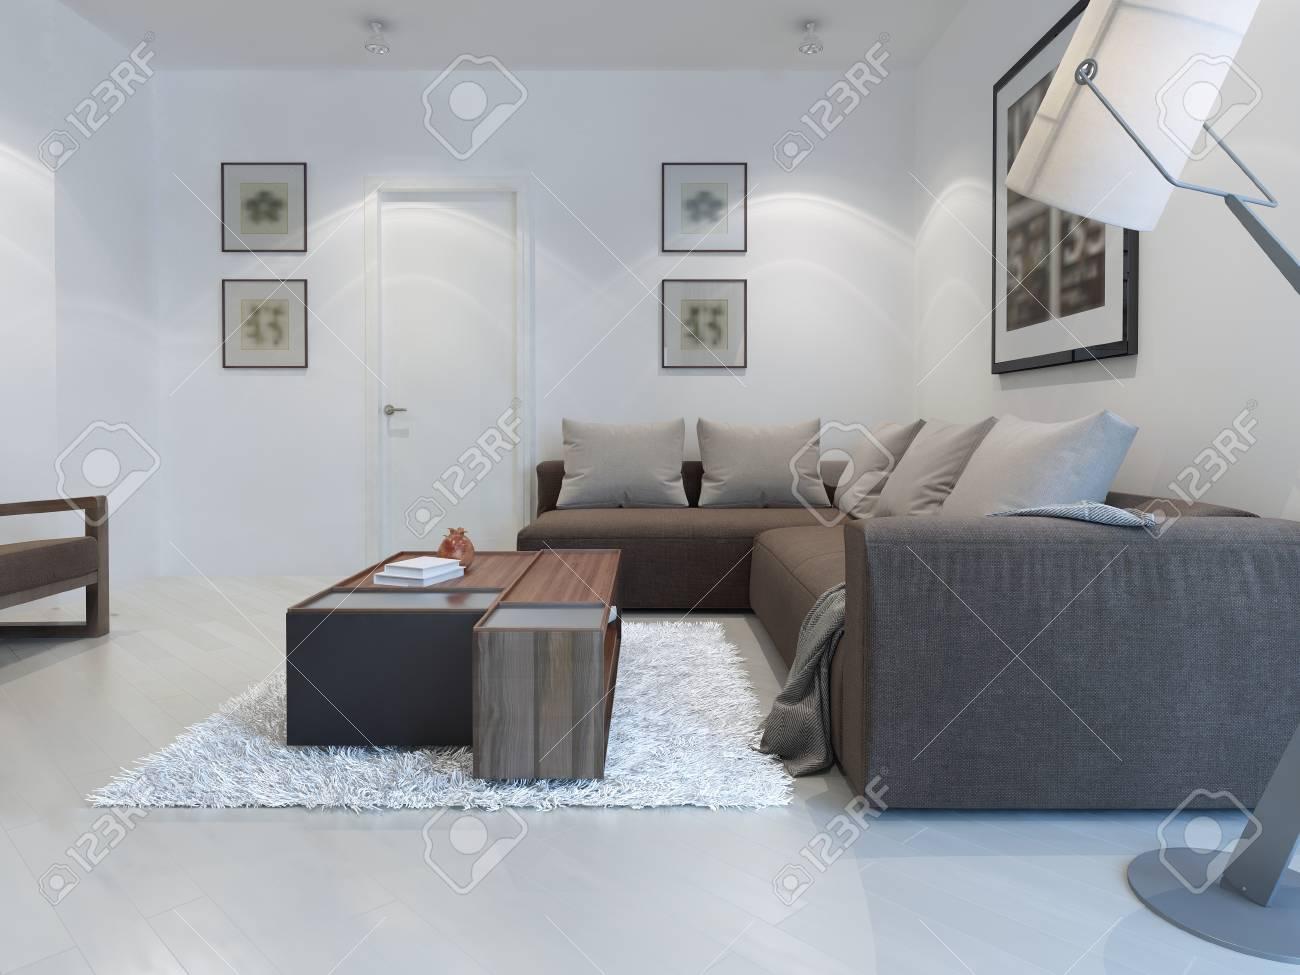 Full Size of Wei Wohnzimmer Stil Groes Sofa Bezug Ecksofa Mit Ottomane Großes Regal Bild Garten Bett Wohnzimmer Großes Ecksofa